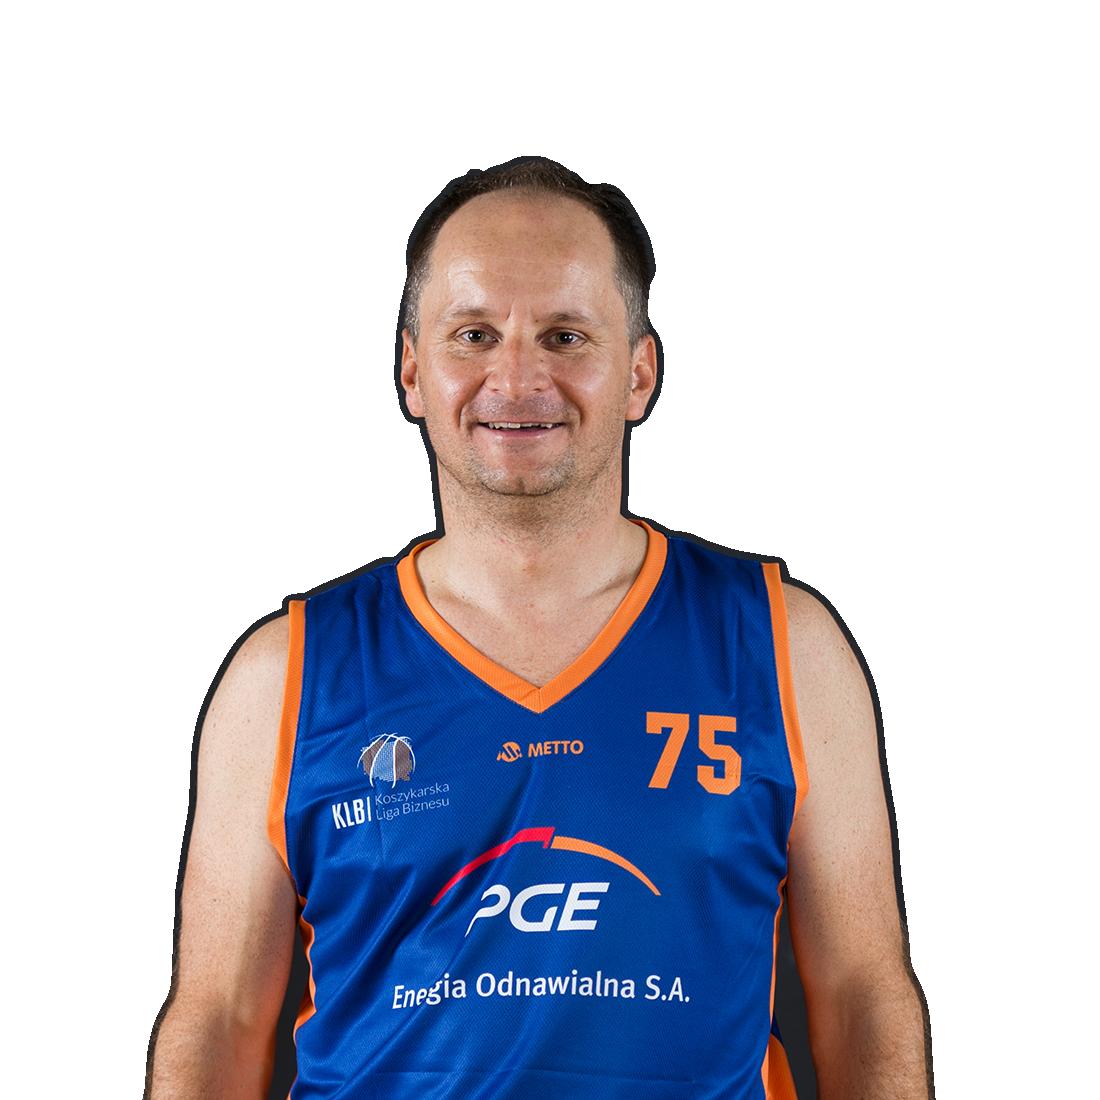 Paweł Bieleń